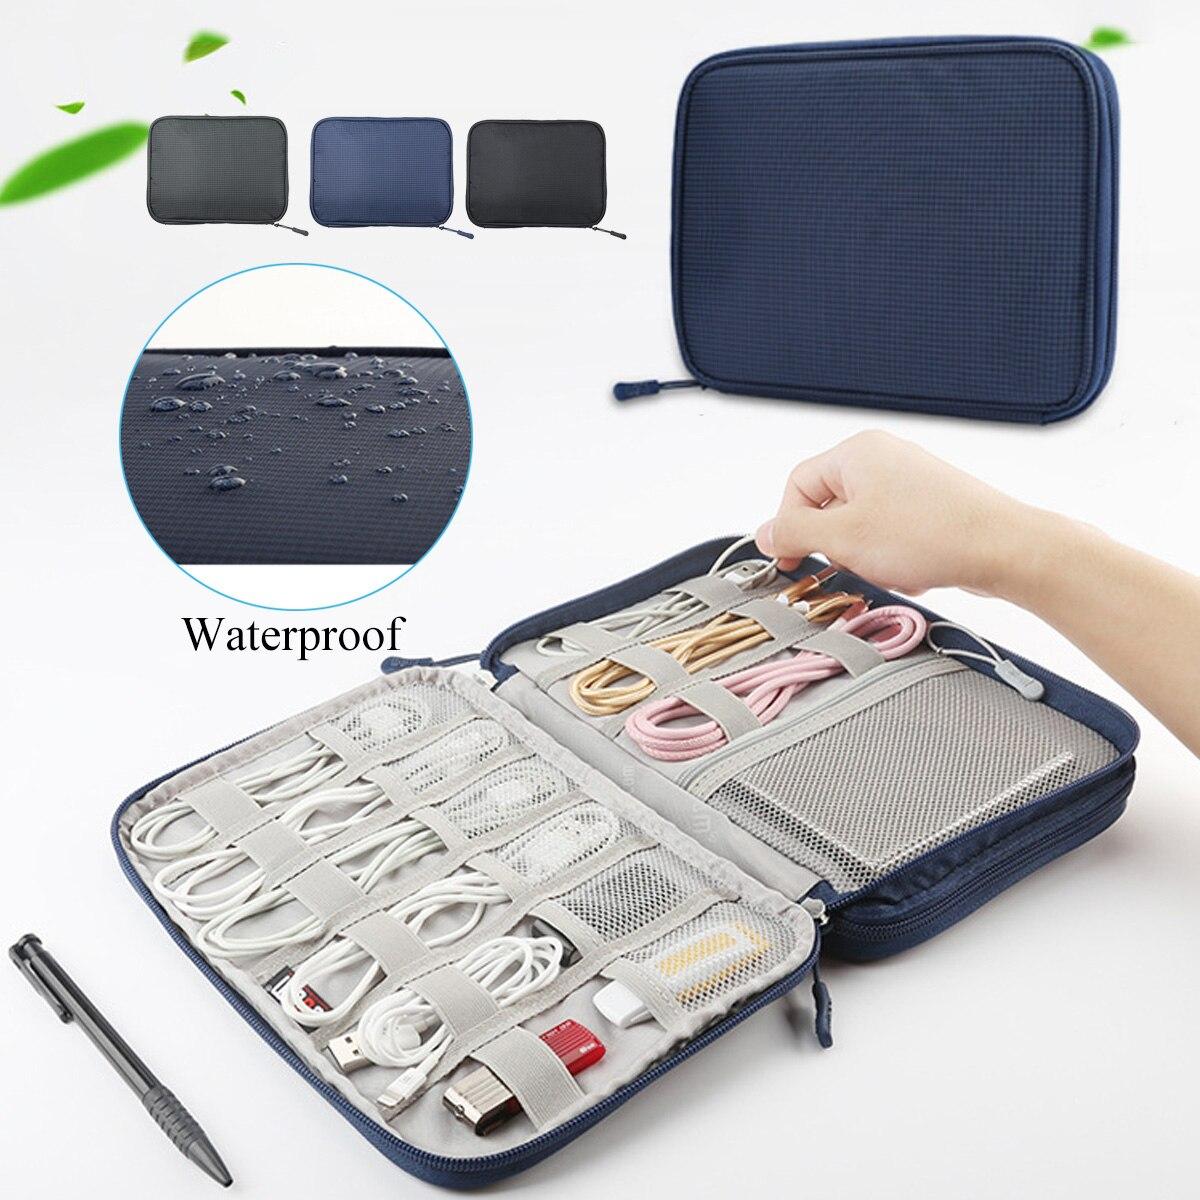 2 שכבה דיגיטלי אביזרי אוסף תיק נסיעות תיק מקרה USB כבל ארגונית תיבת ציוד לשאת תיק פאוץ דיסק און קי Fit עבור iPad